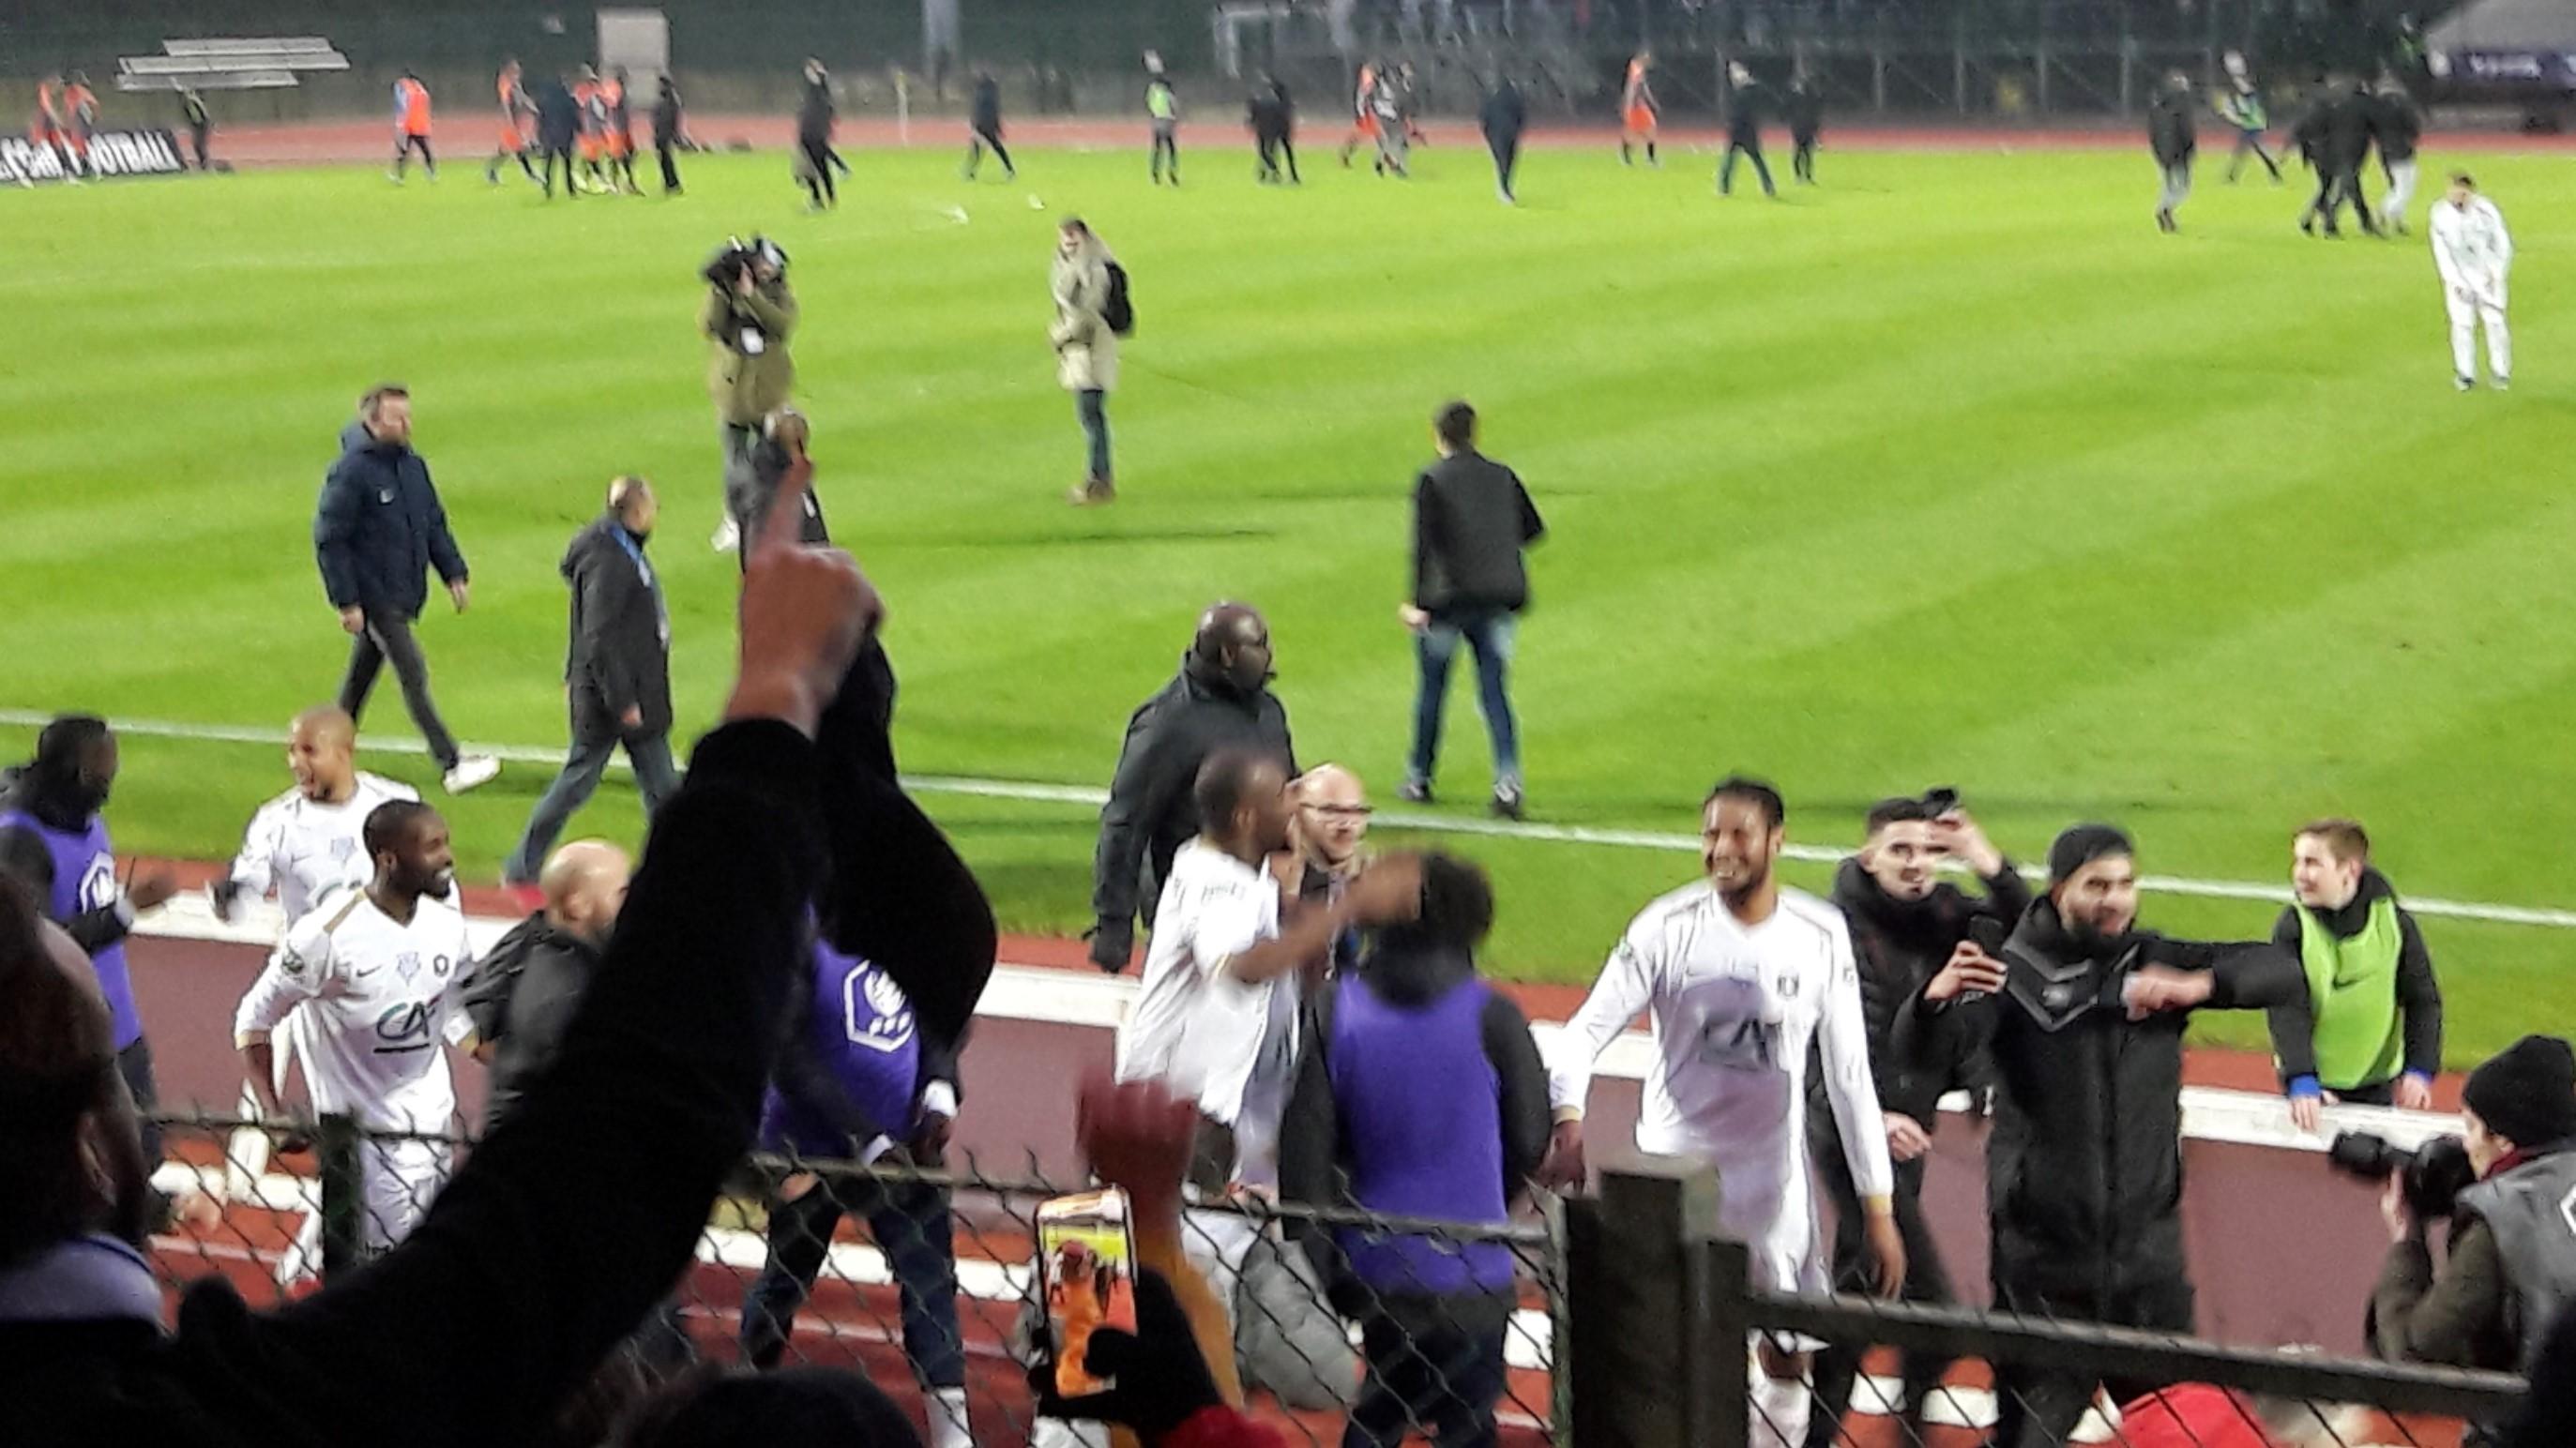 Les joueurs saluent après la victoire